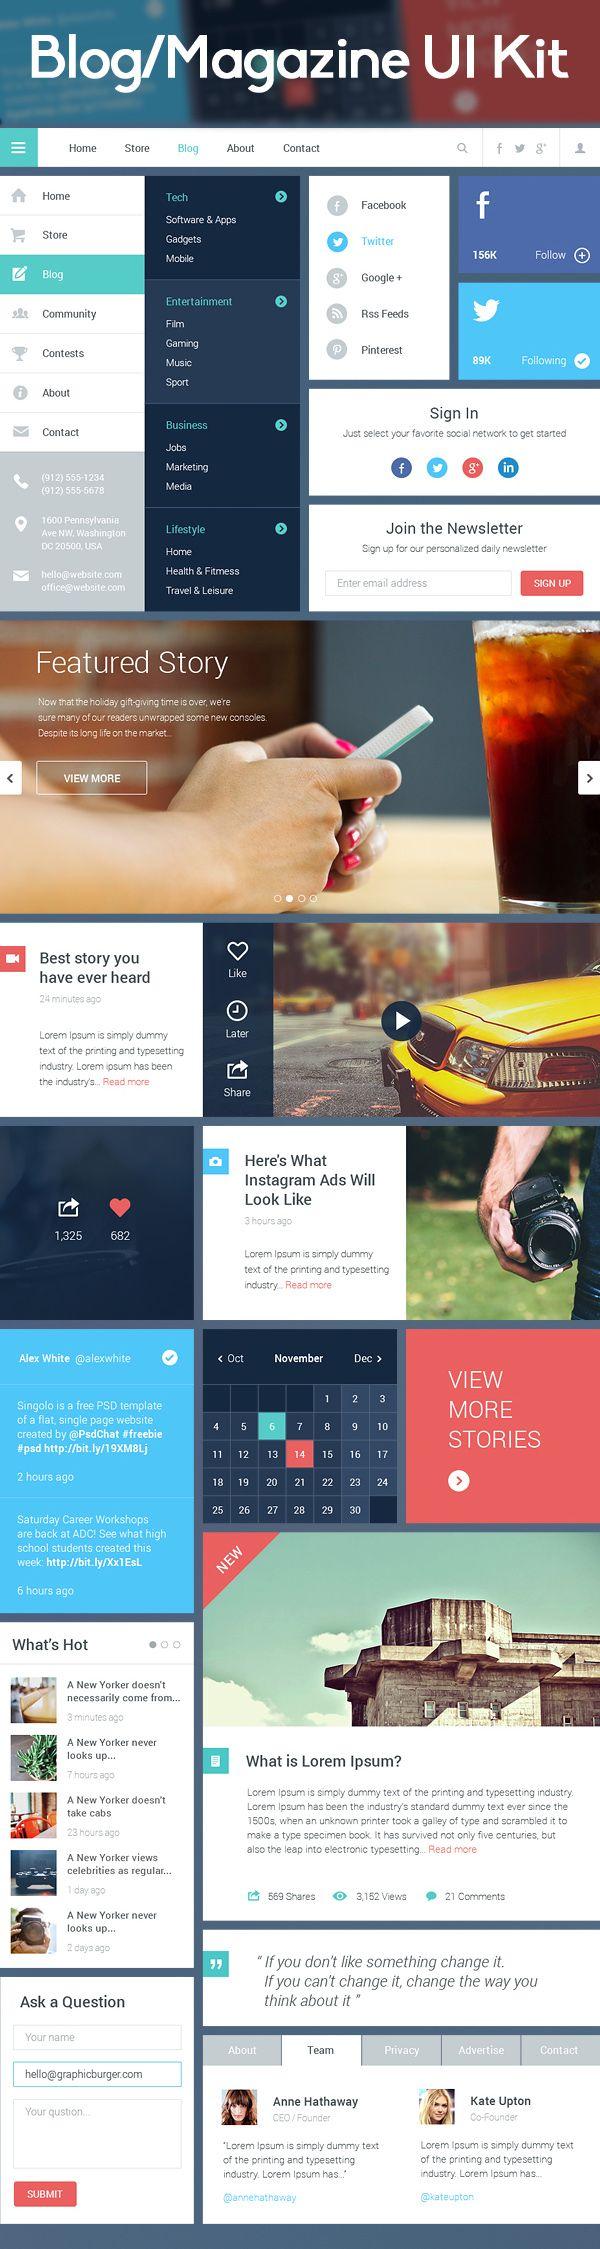 Blog/Magazine UI Kit Free Download